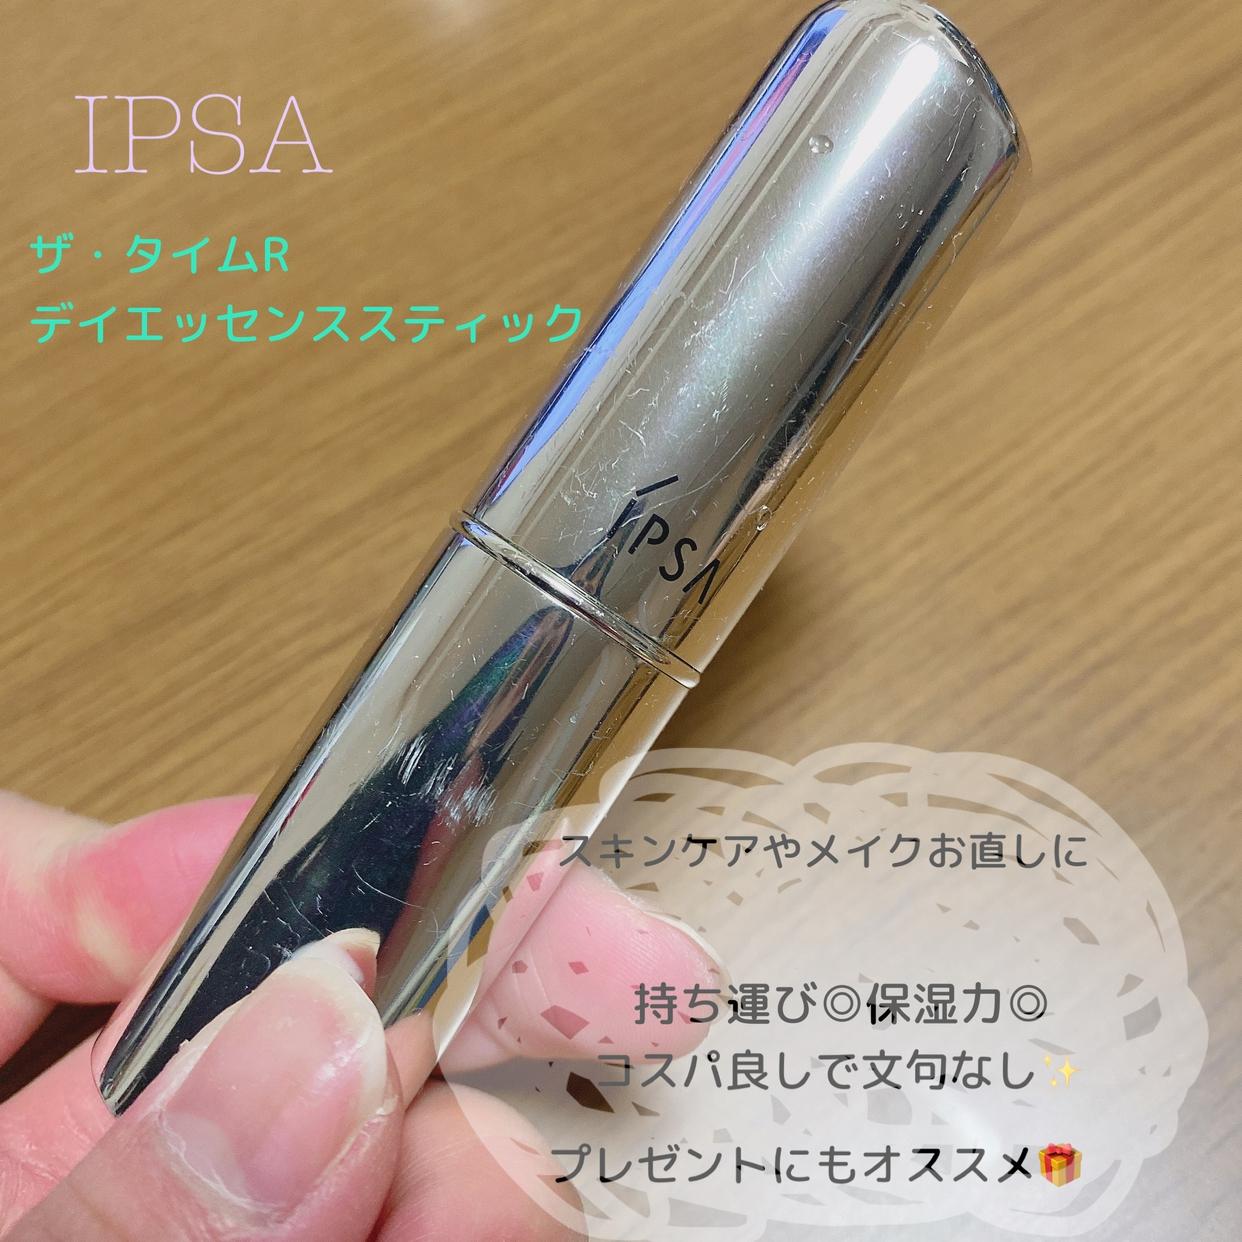 IPSA(イプサ) ザ・タイムR デイエッセンススティックを使ったMana *さんのクチコミ画像1